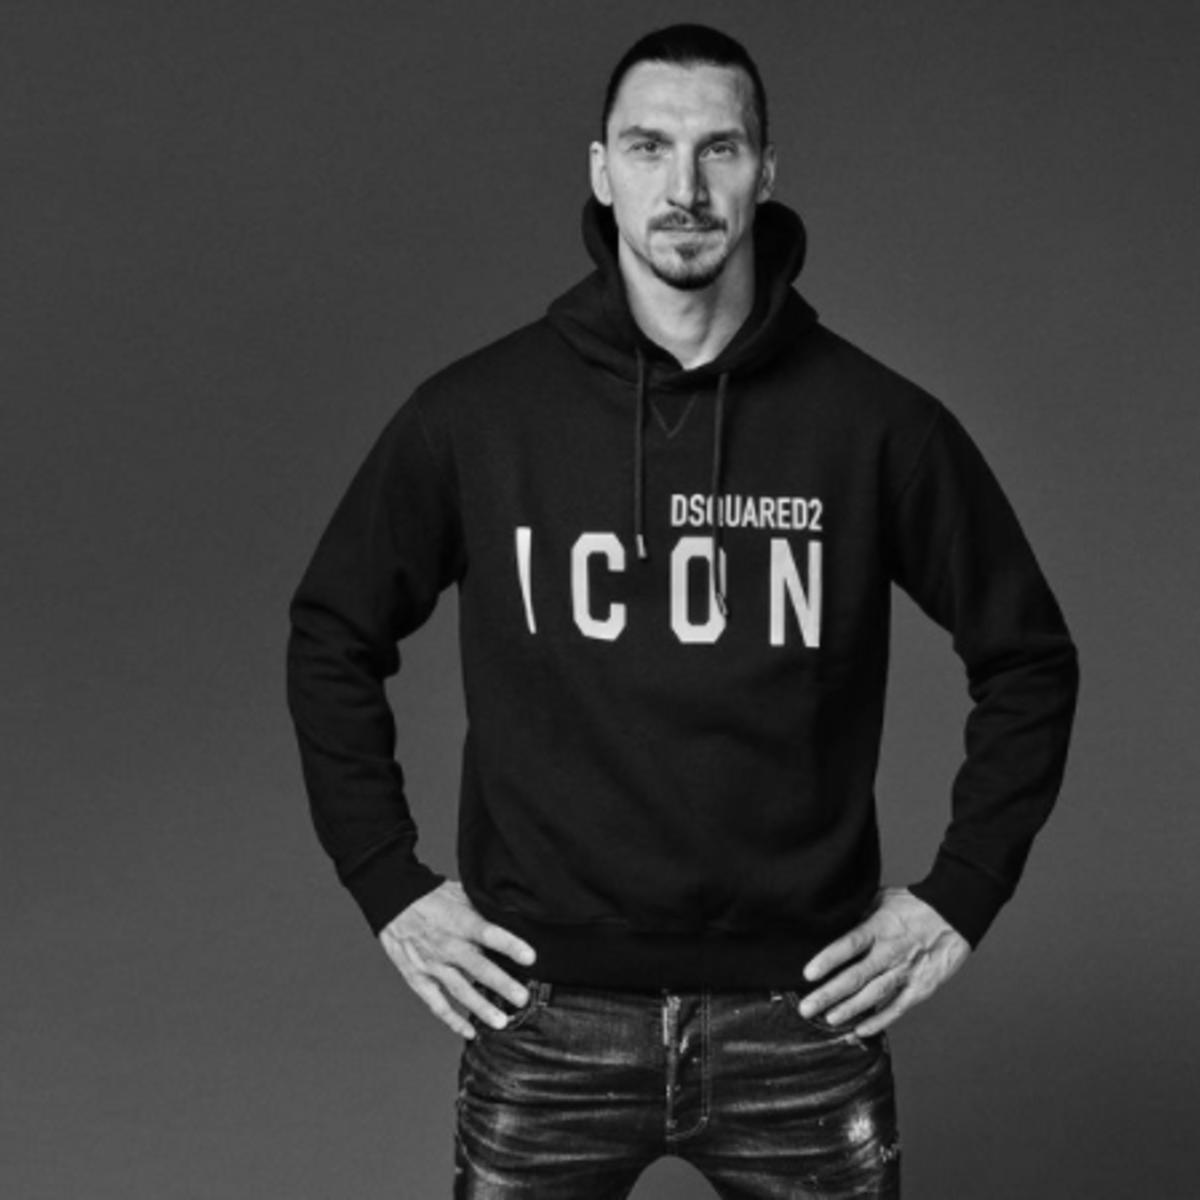 Ibrahimovic anche stilista: lancia la sua linea con Dsquared